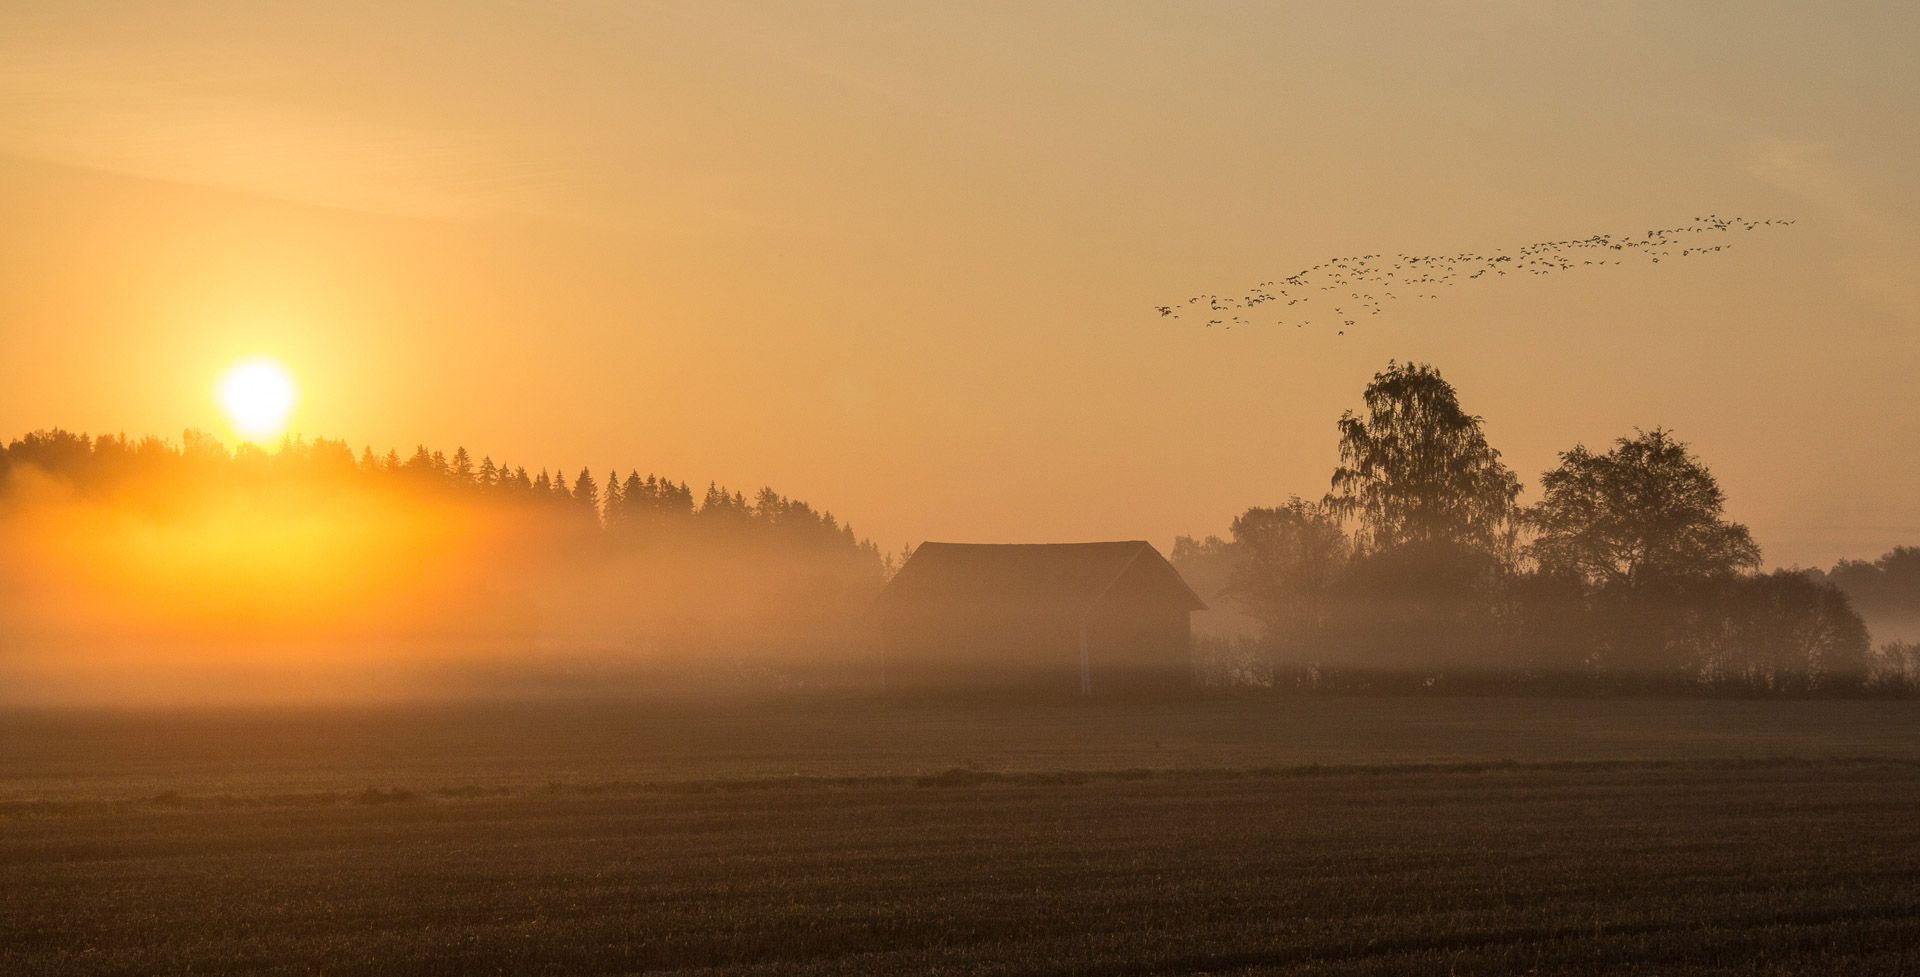 03_Aamu_Kivistossa_Vesa_Monkkonen